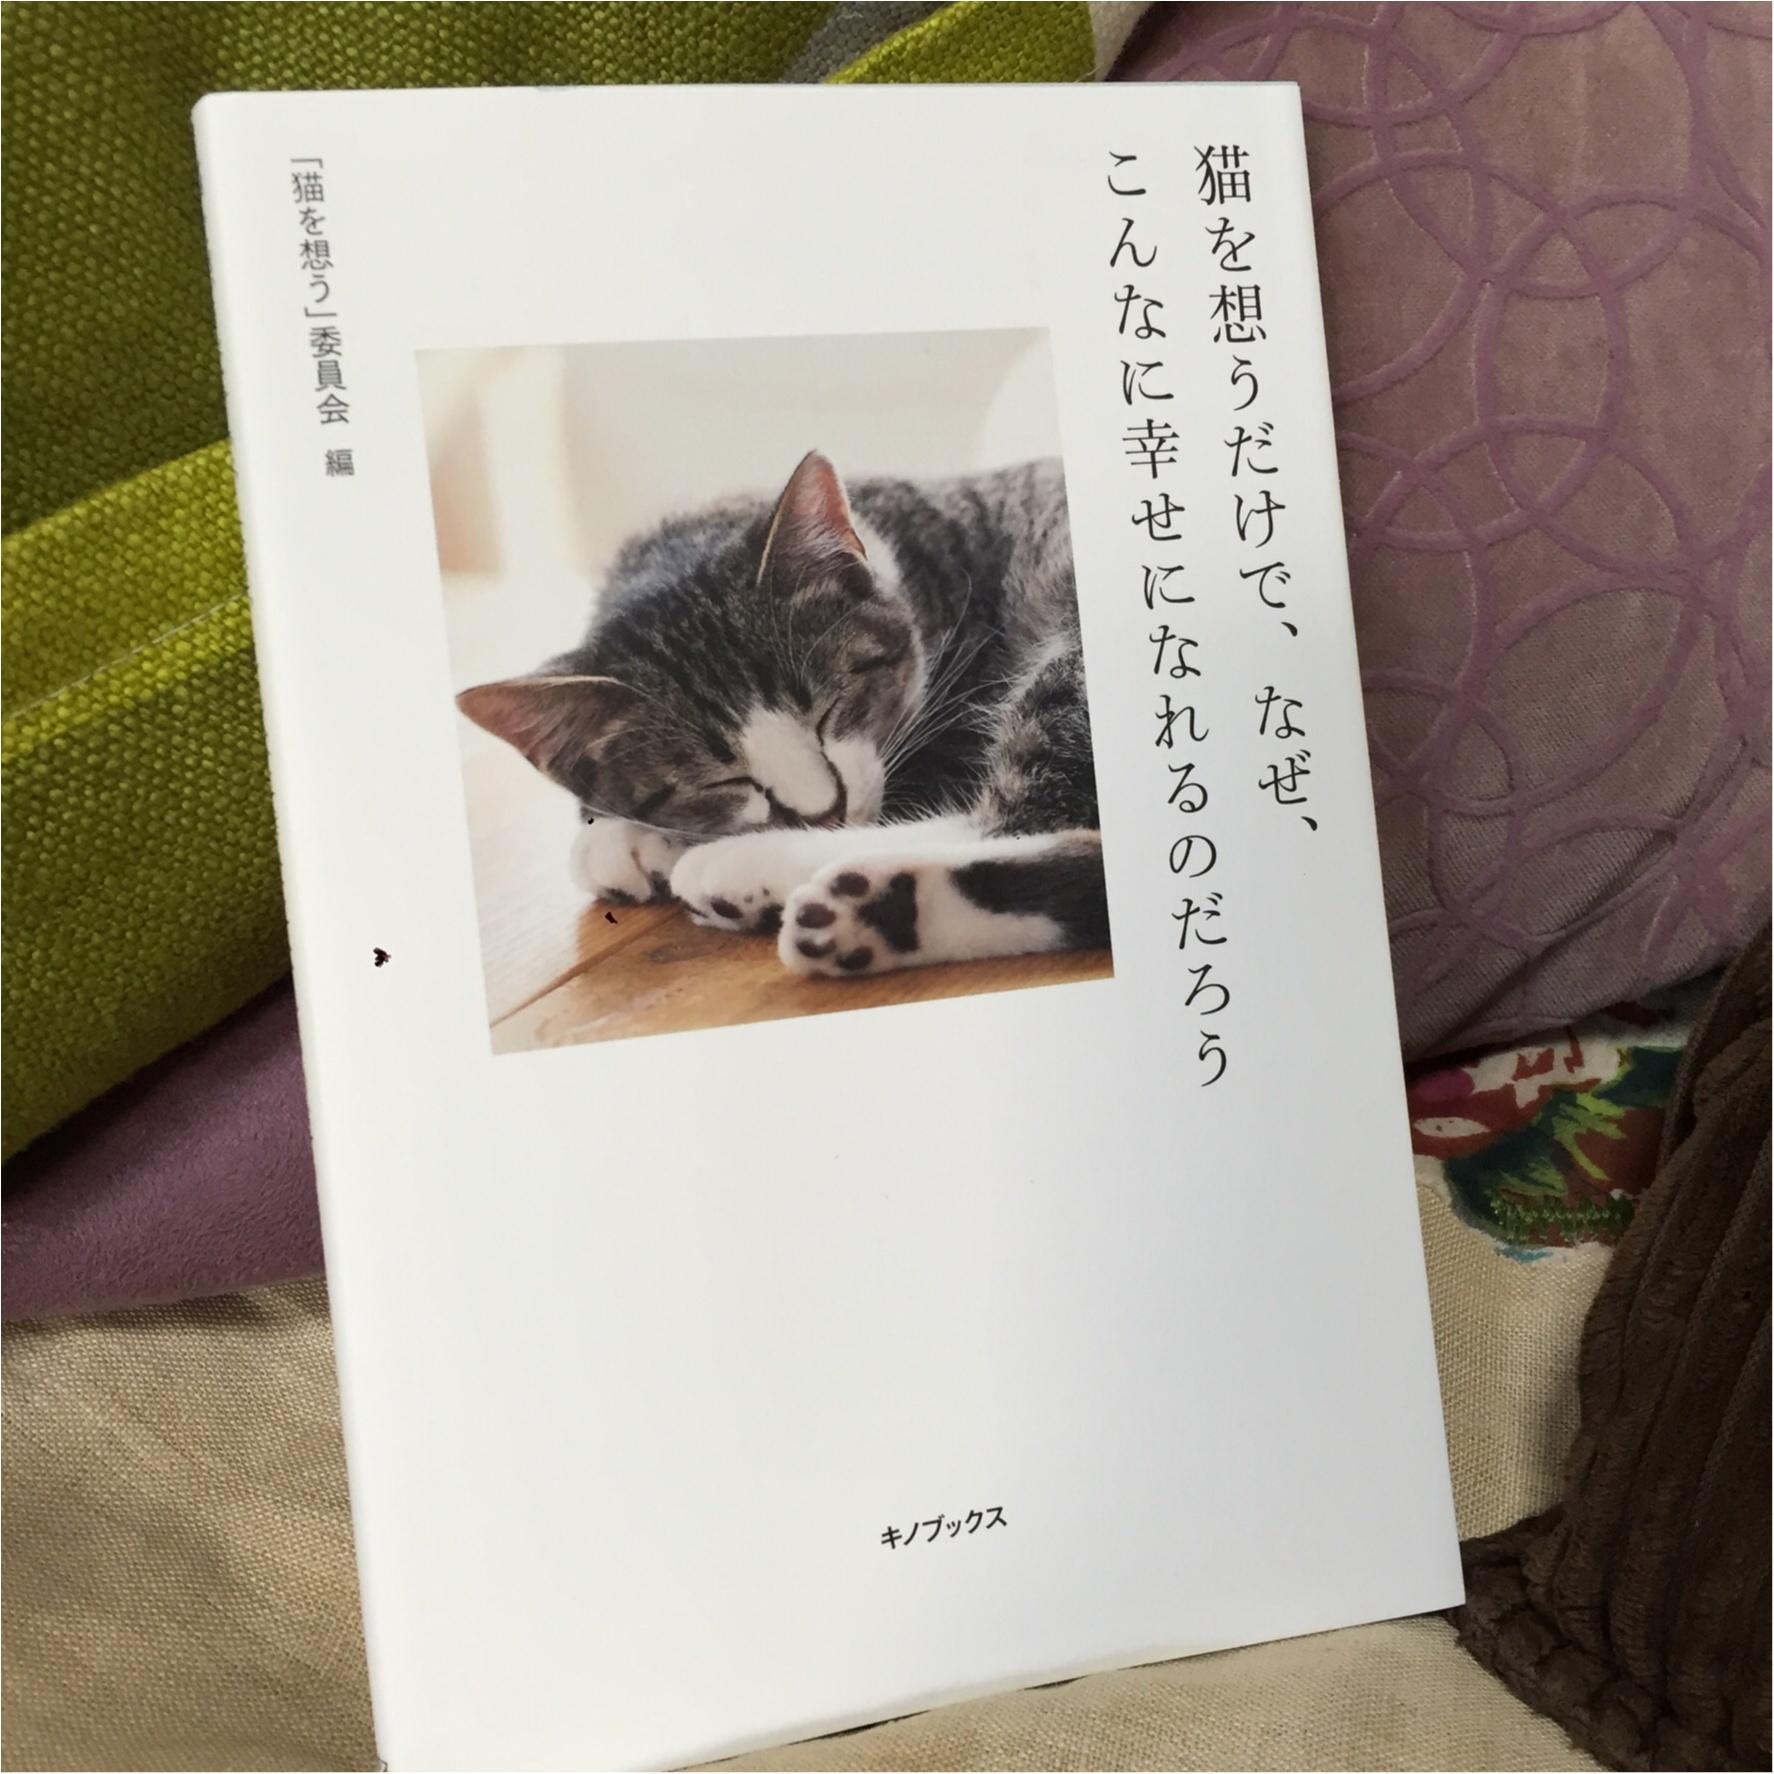 猫を想うと幸せになる。_1